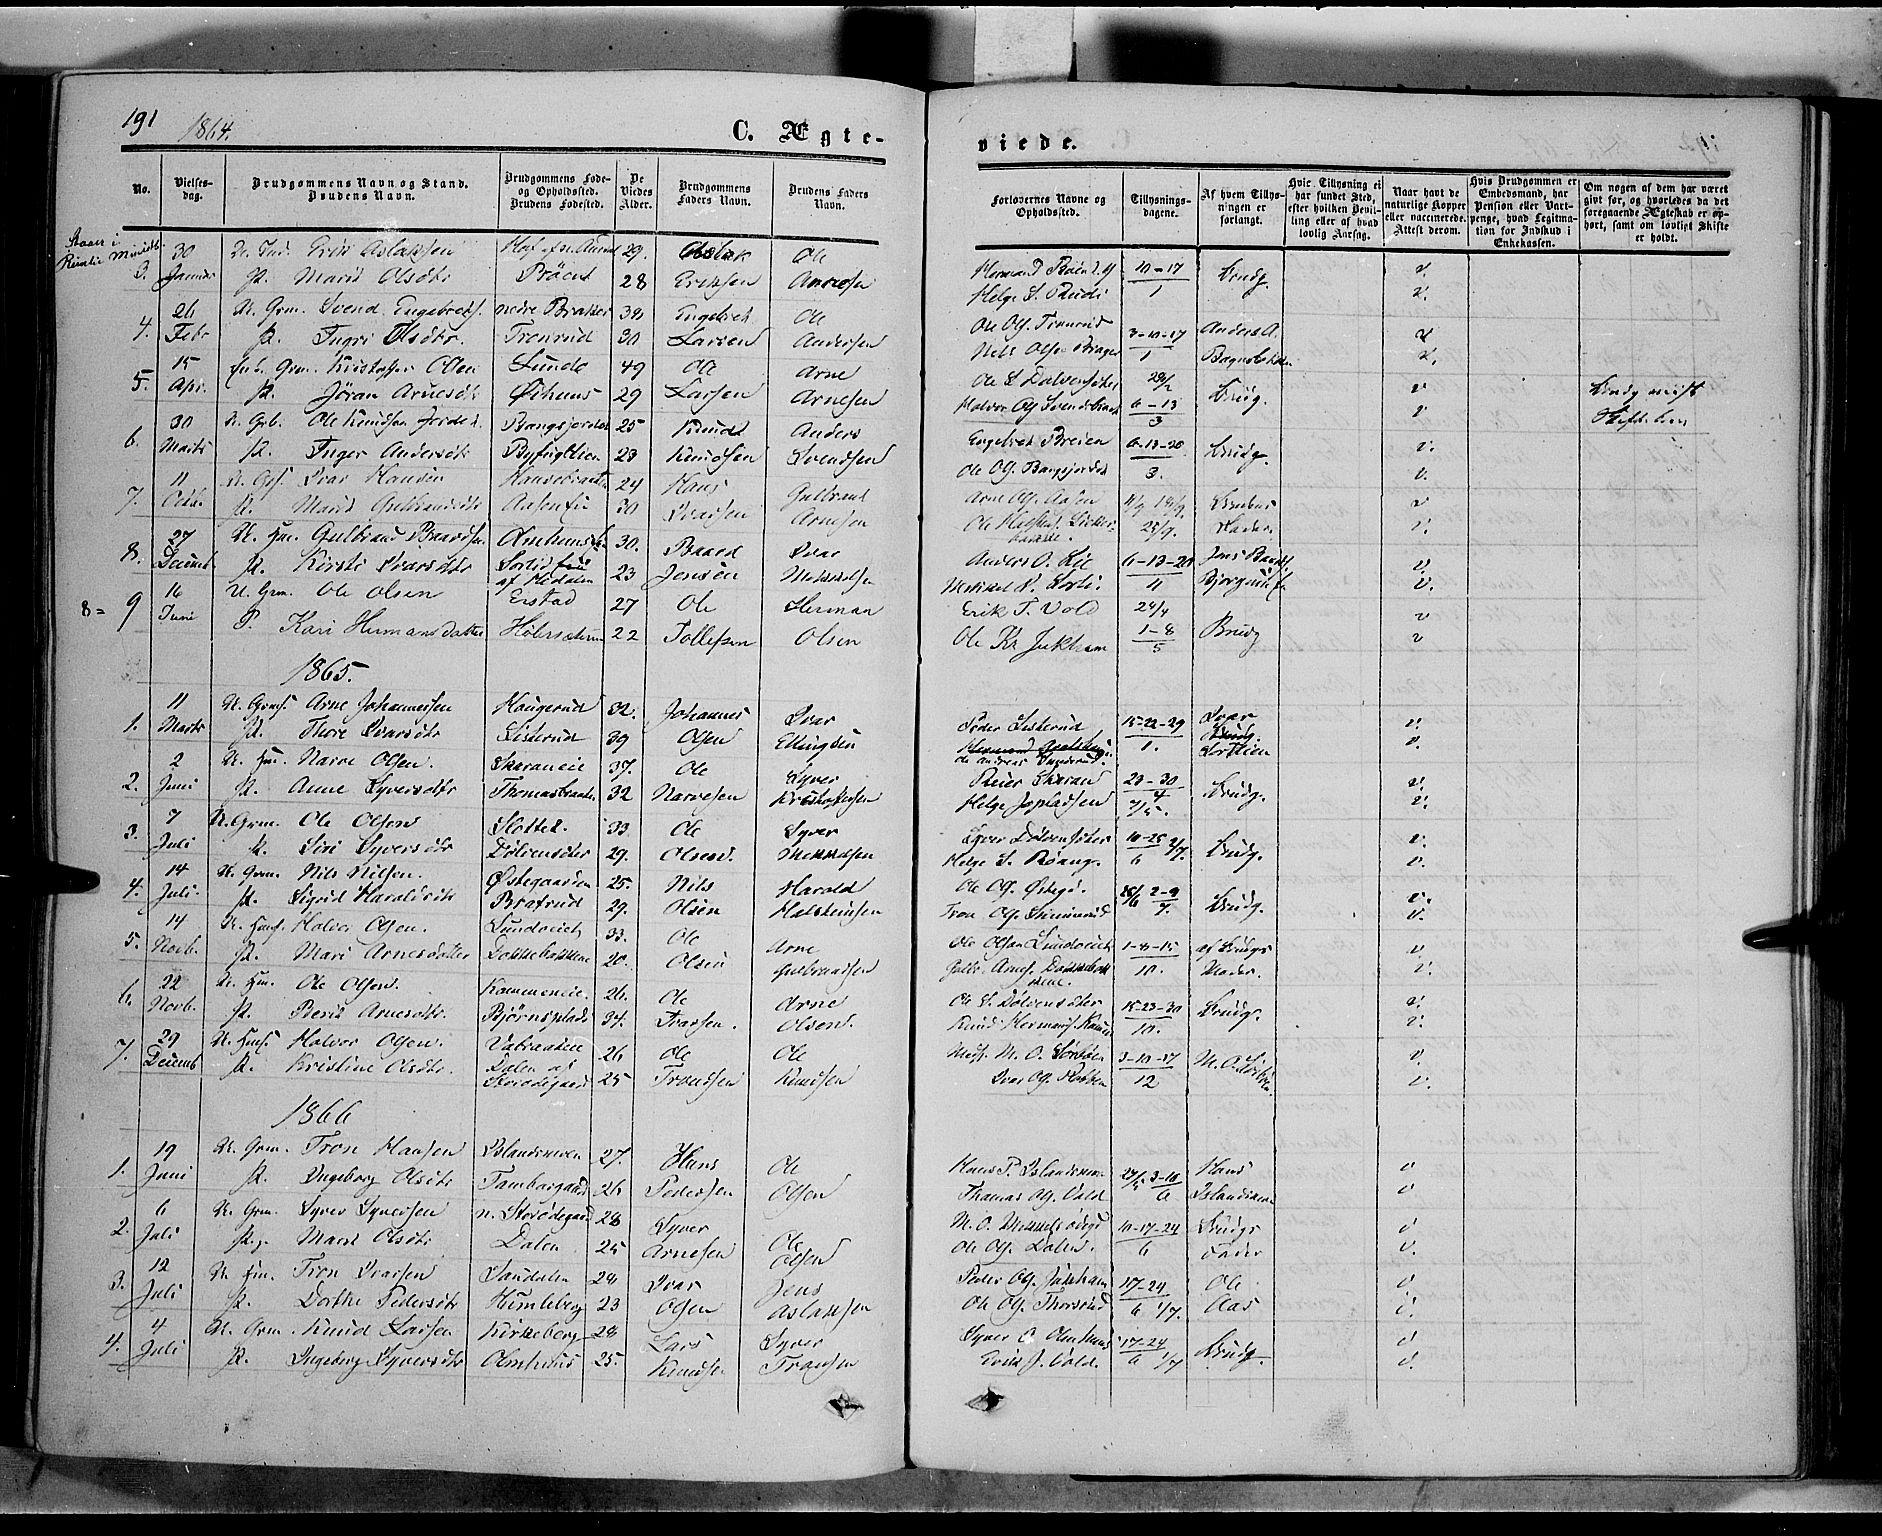 SAH, Sør-Aurdal prestekontor, Ministerialbok nr. 5, 1849-1876, s. 191